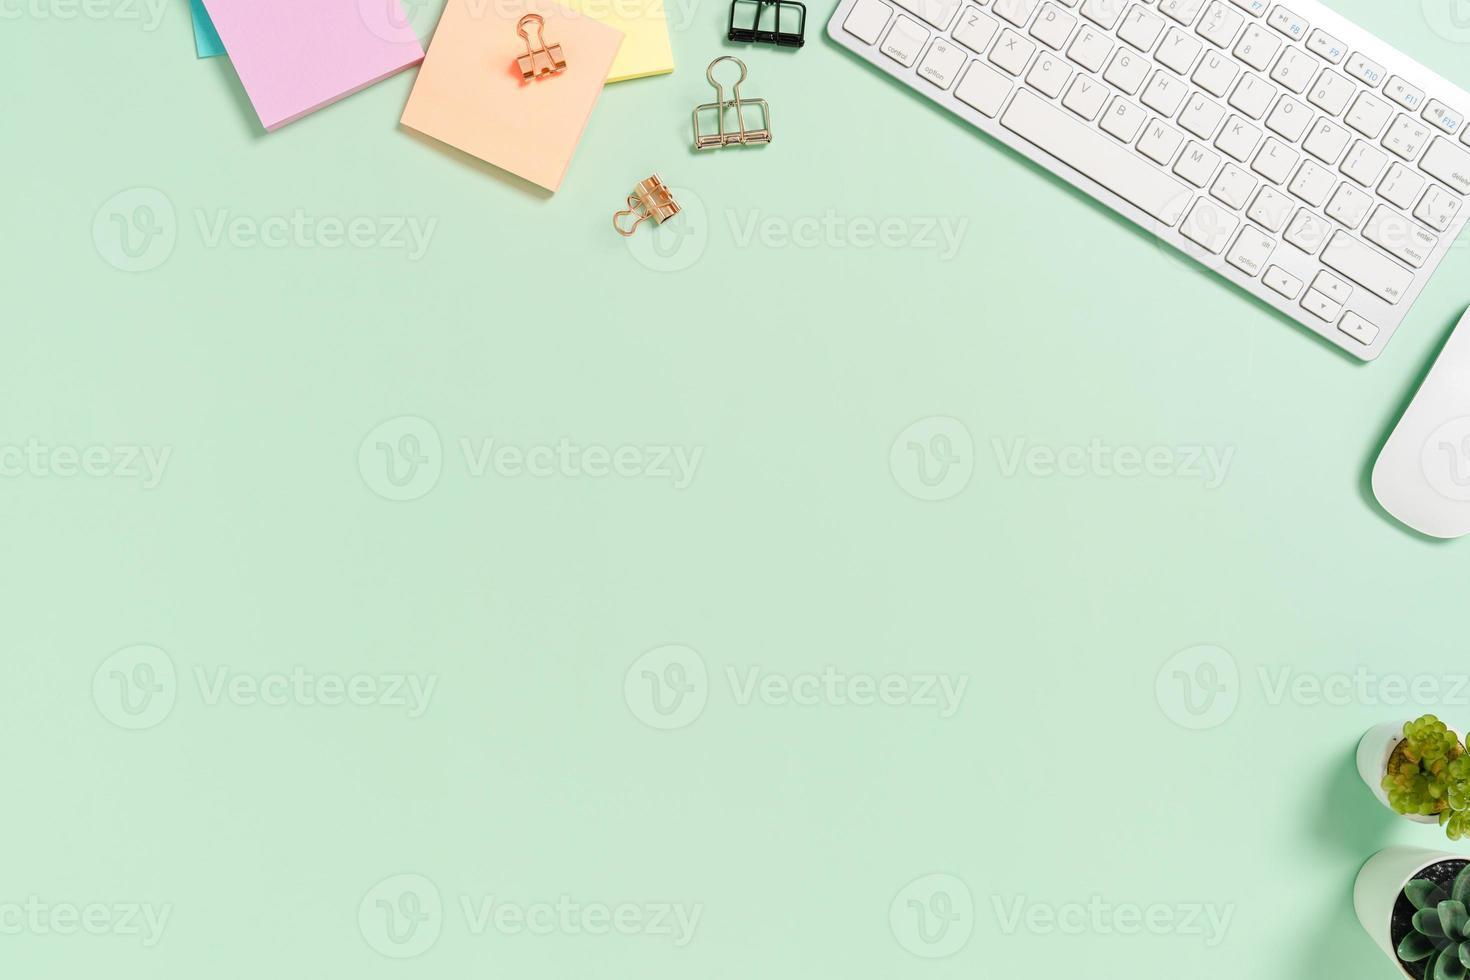 espaço de trabalho mínimo - foto criativa plana da mesa do espaço de trabalho. mesa de escritório de vista superior com teclado, mouse e livro sobre fundo de cor verde pastel. vista superior com espaço de cópia, fotografia plana leiga.